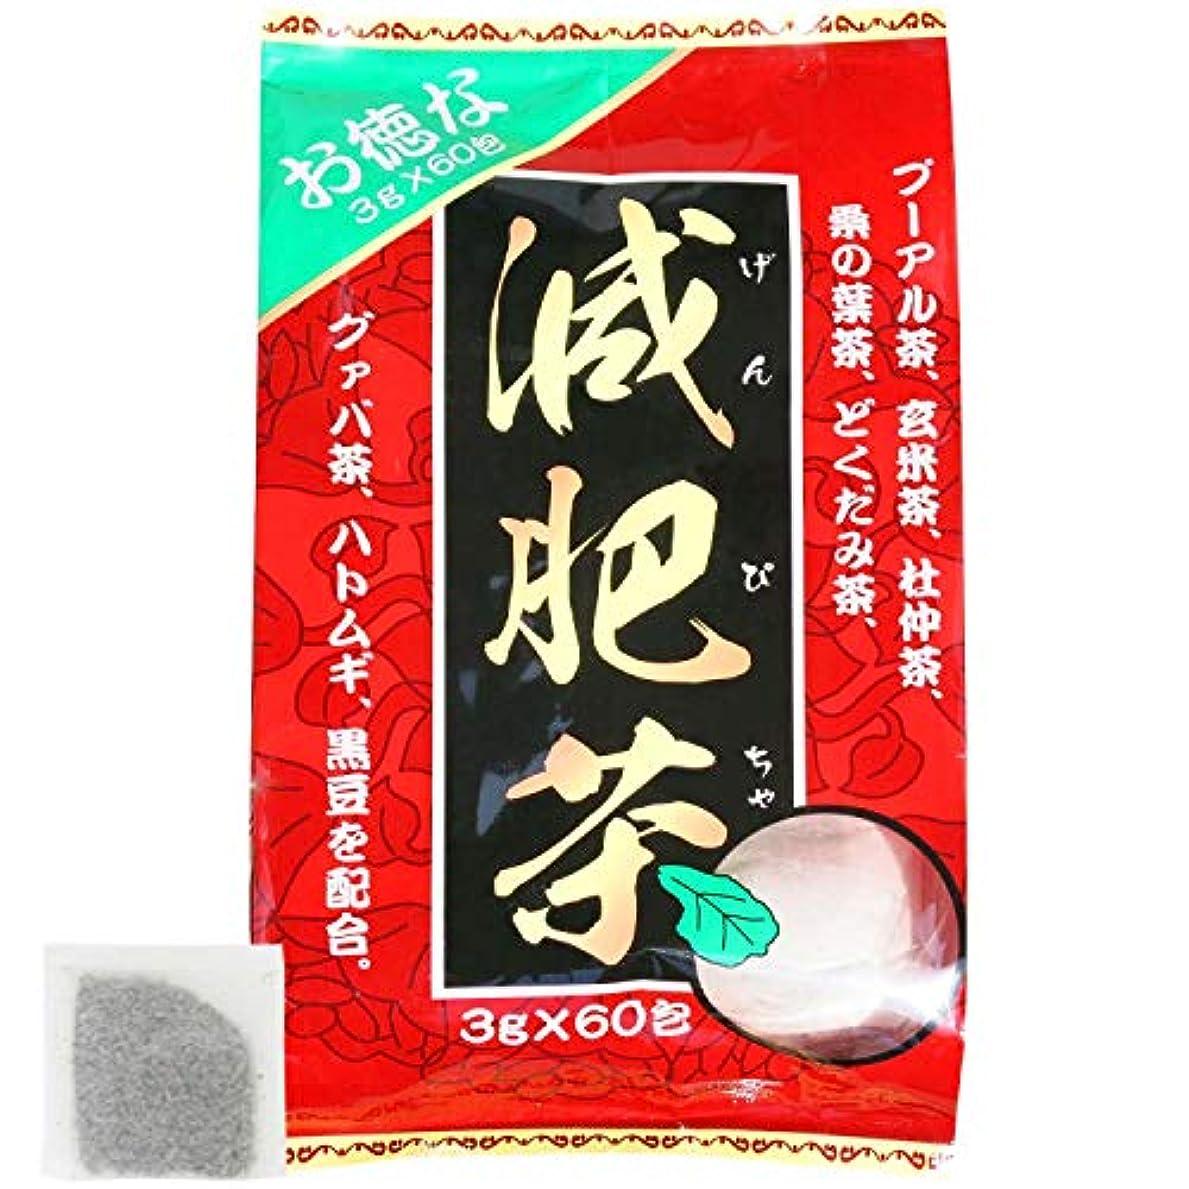 ソーシャルディプロマしつけユウキ製薬 お徳な減肥茶 30-60日分 3g×60包